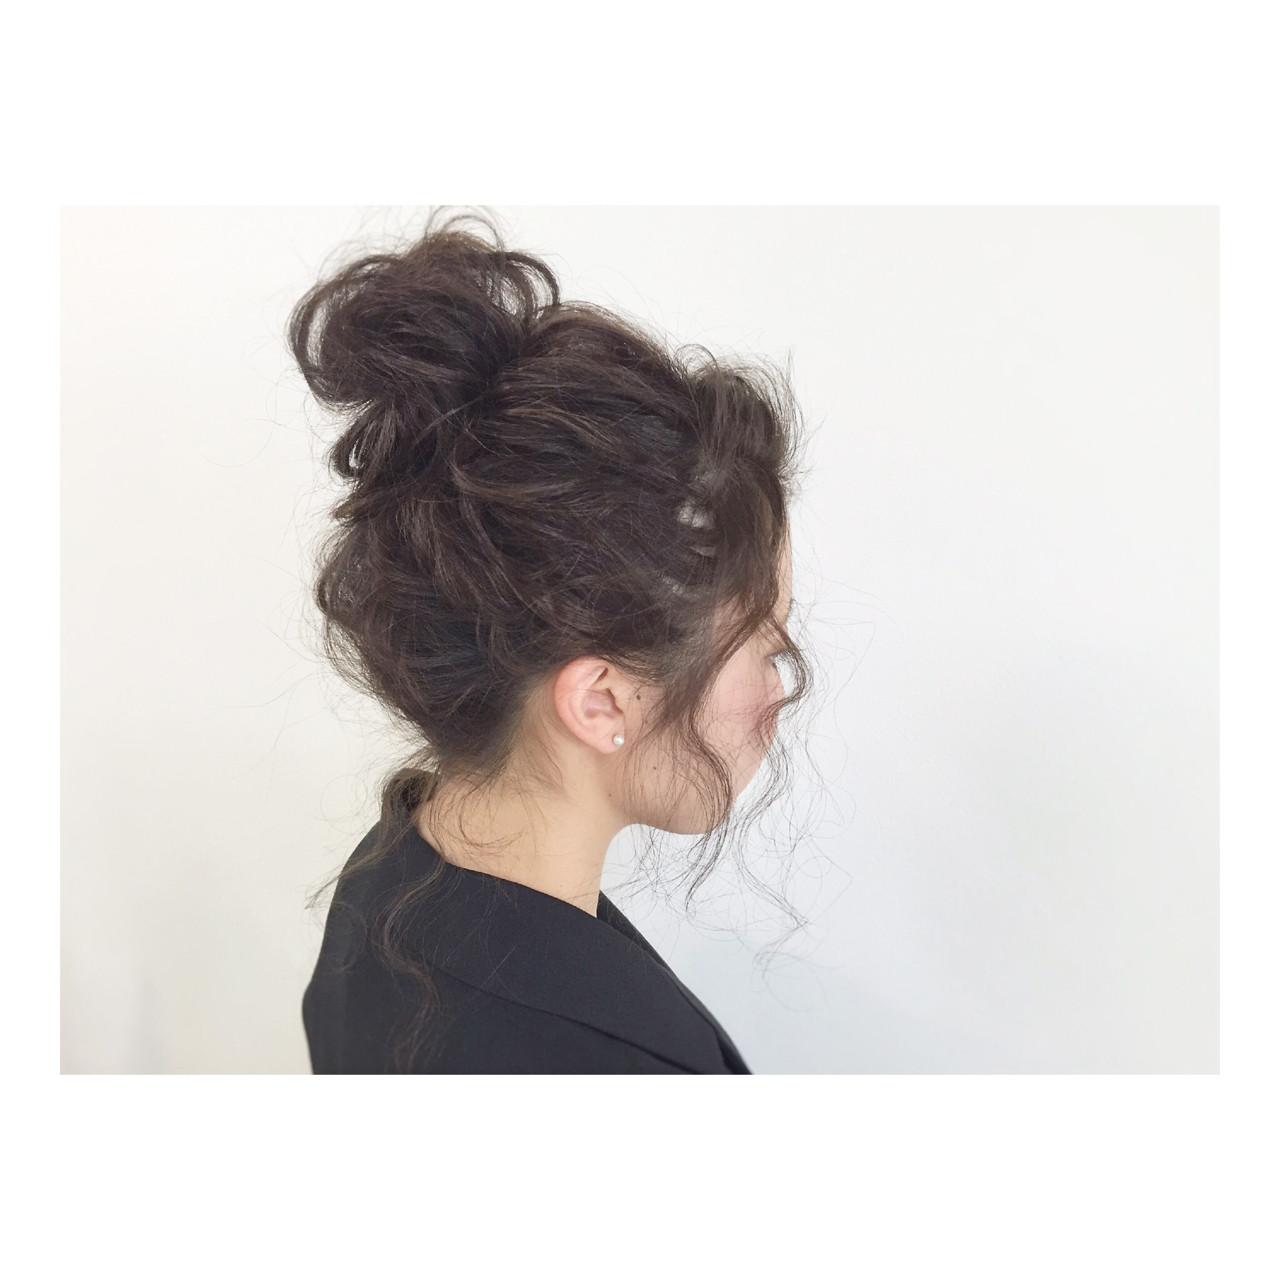 イマドキ風ゆるっとお団子を作りたい!確認しておきたい3つのポイント。 大里 健二 / Hair Atelier Angee